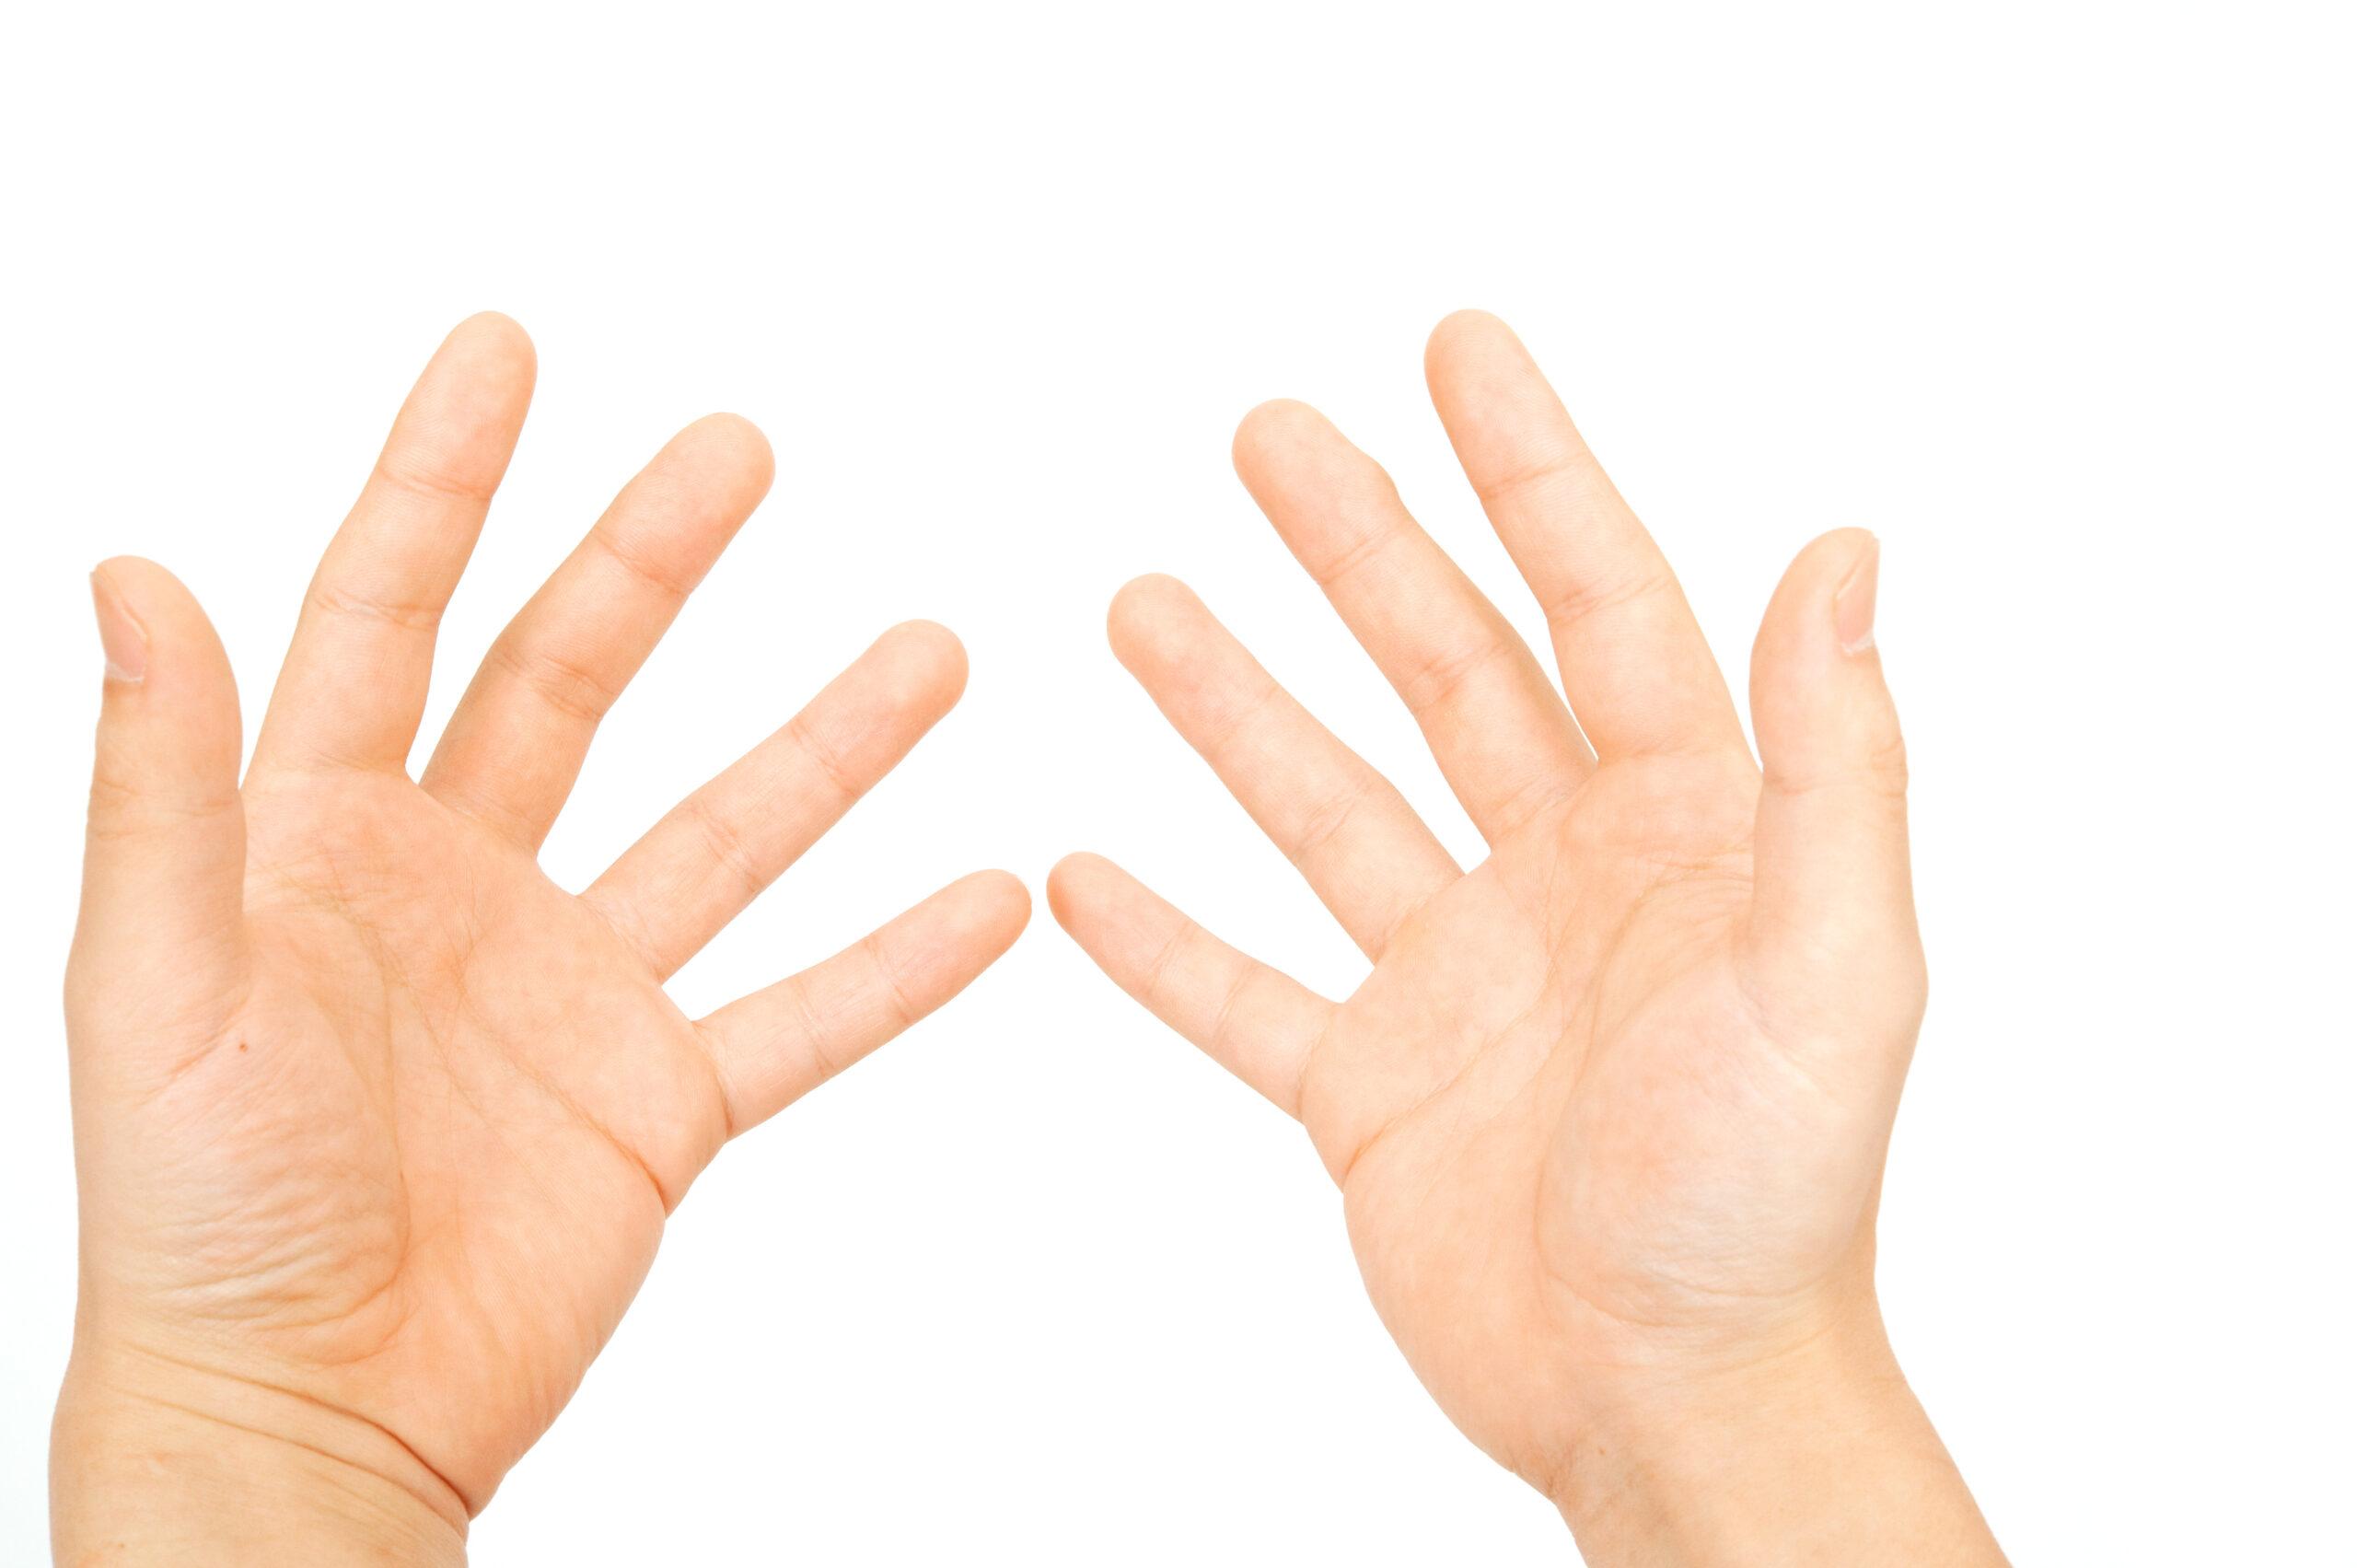 ばね指イメージ写真